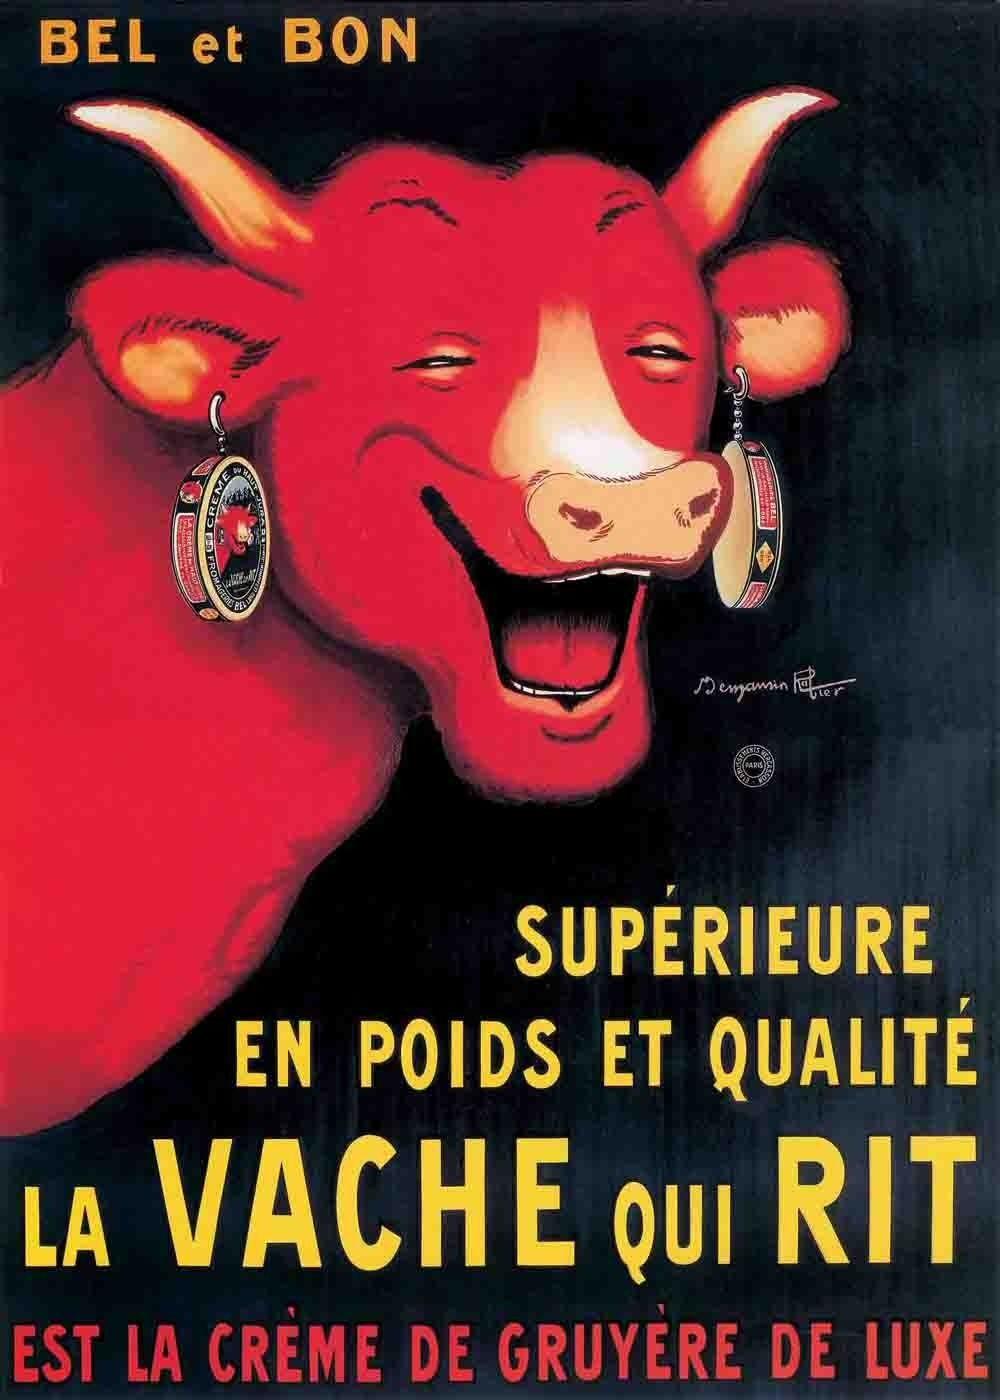 Vintage Posters La Vache Qui Rit Vintage French Posters Vintage Poster Art Vintage Food Posters